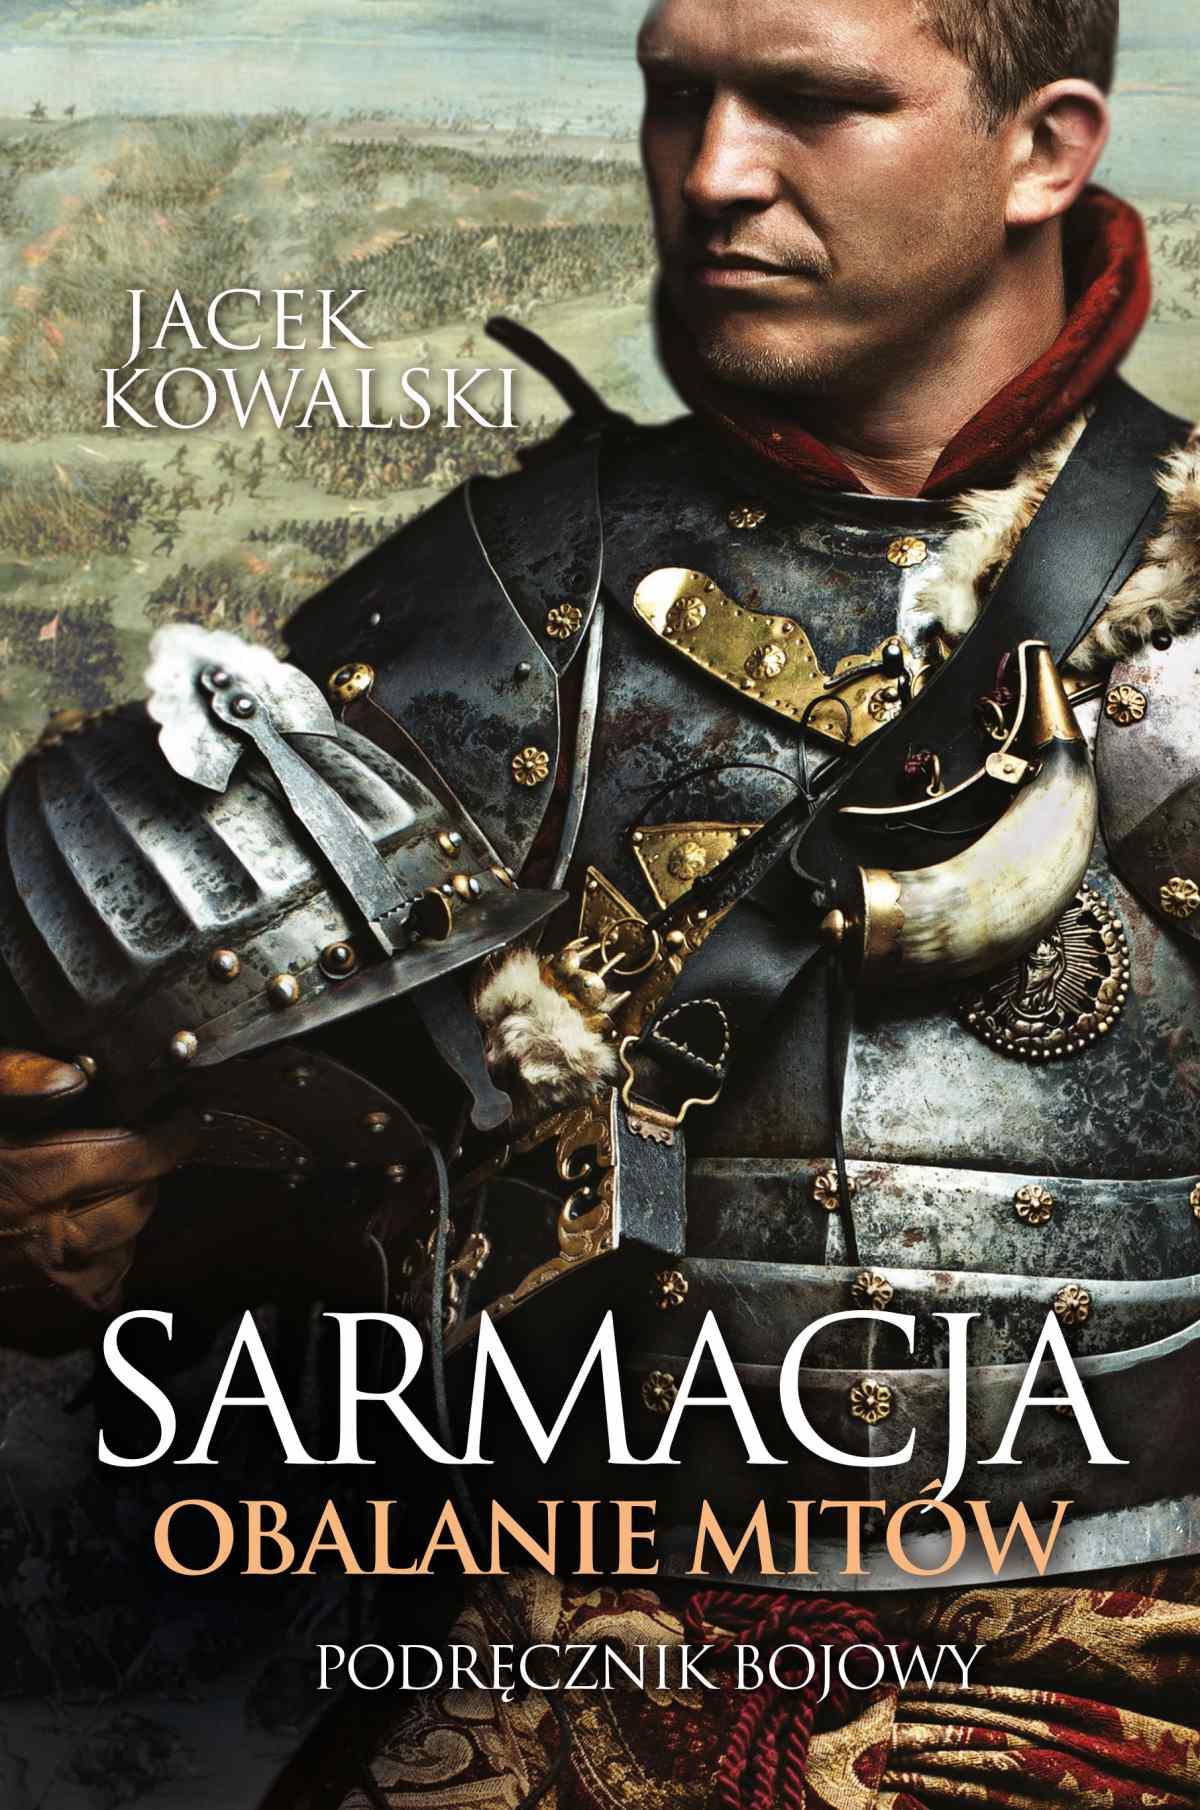 Sarmacja. Obalenie mitów. Podręcznik bojowy - Ebook (Książka na Kindle) do pobrania w formacie MOBI